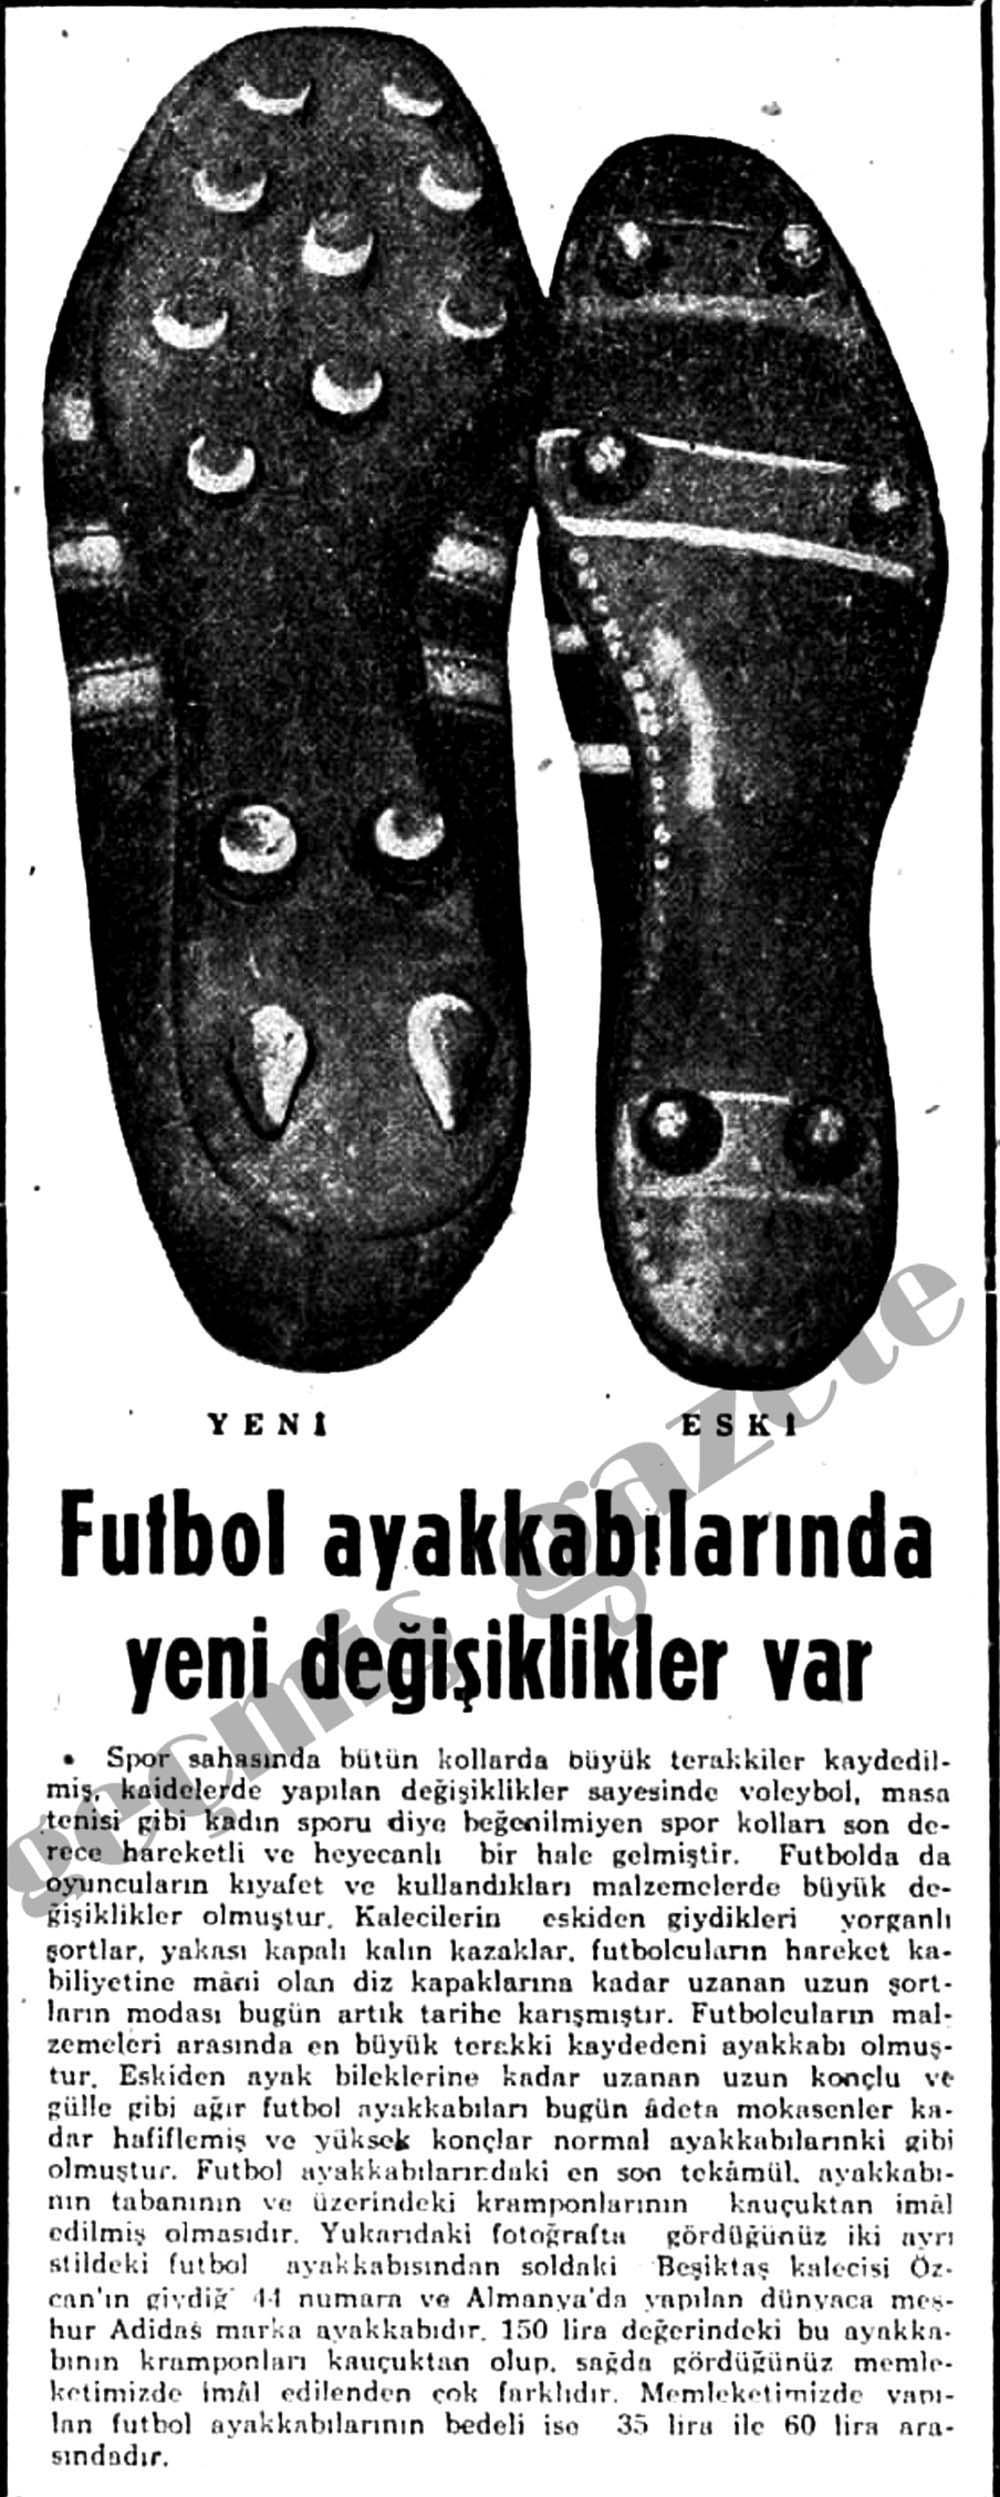 Futbol ayakkabılarında yeni değişiklikler var